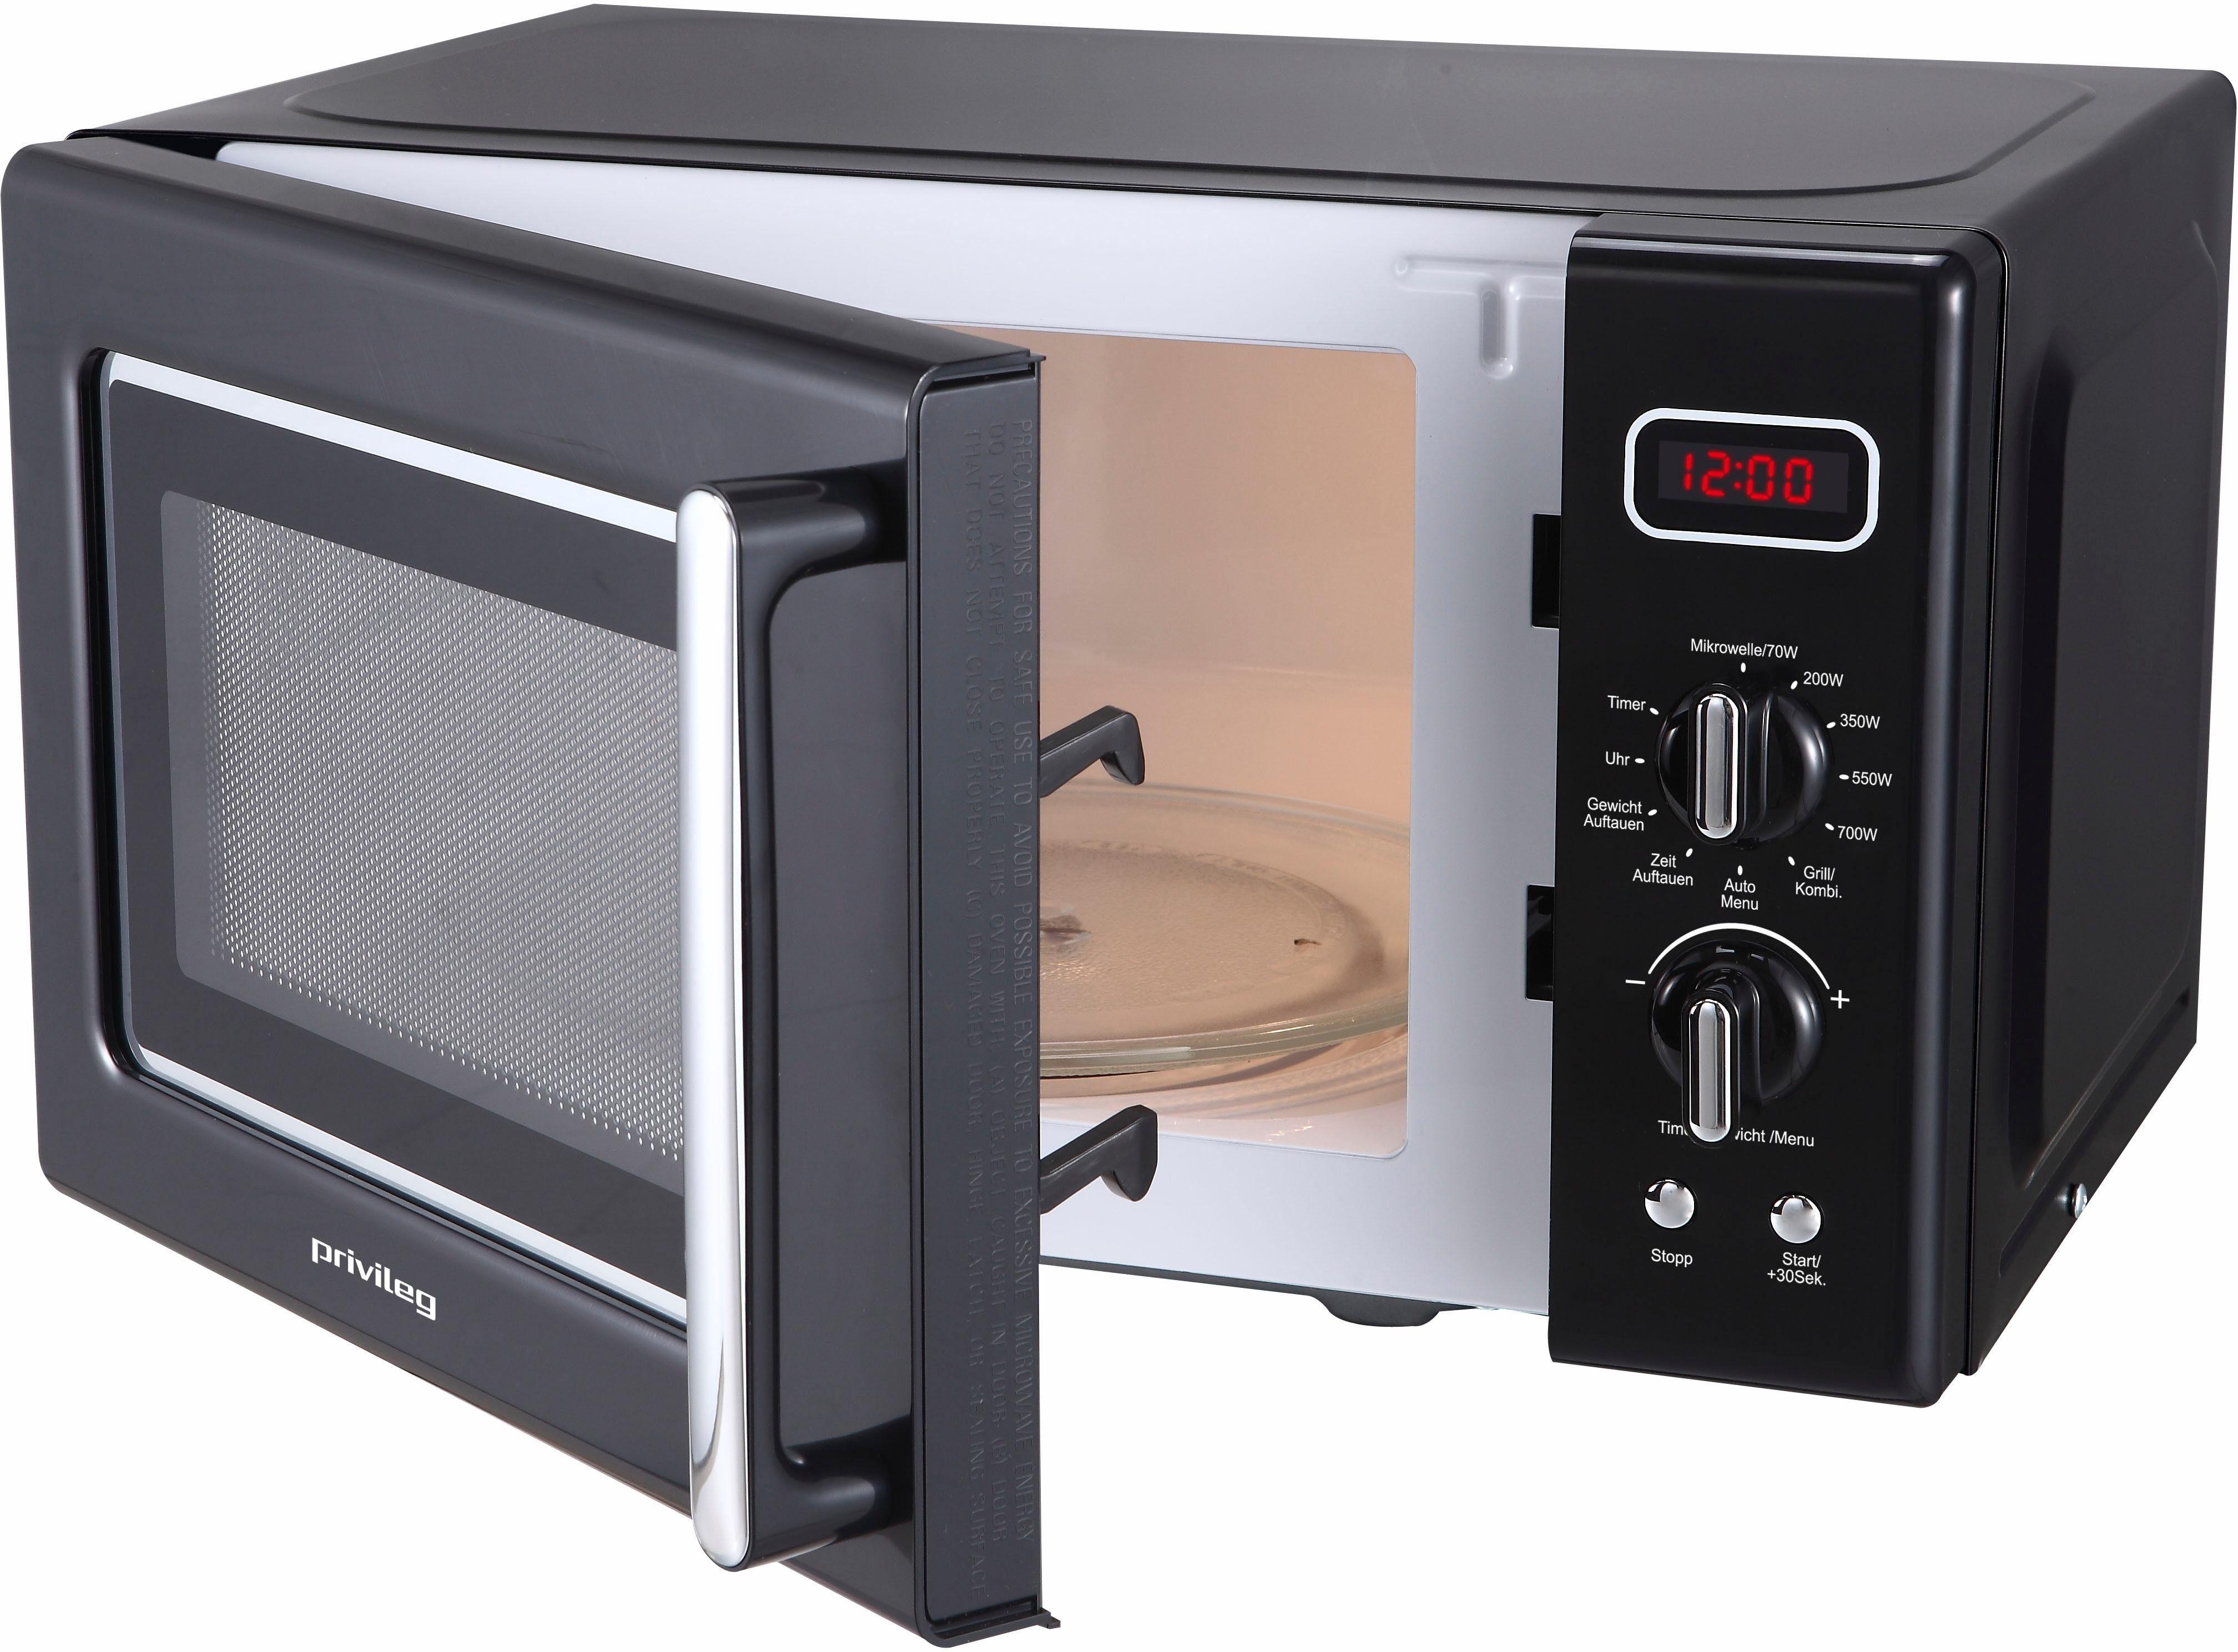 Privileg Mikrowelle, mit Grill, 20 Liter Garraum, 700 Watt, schwarz